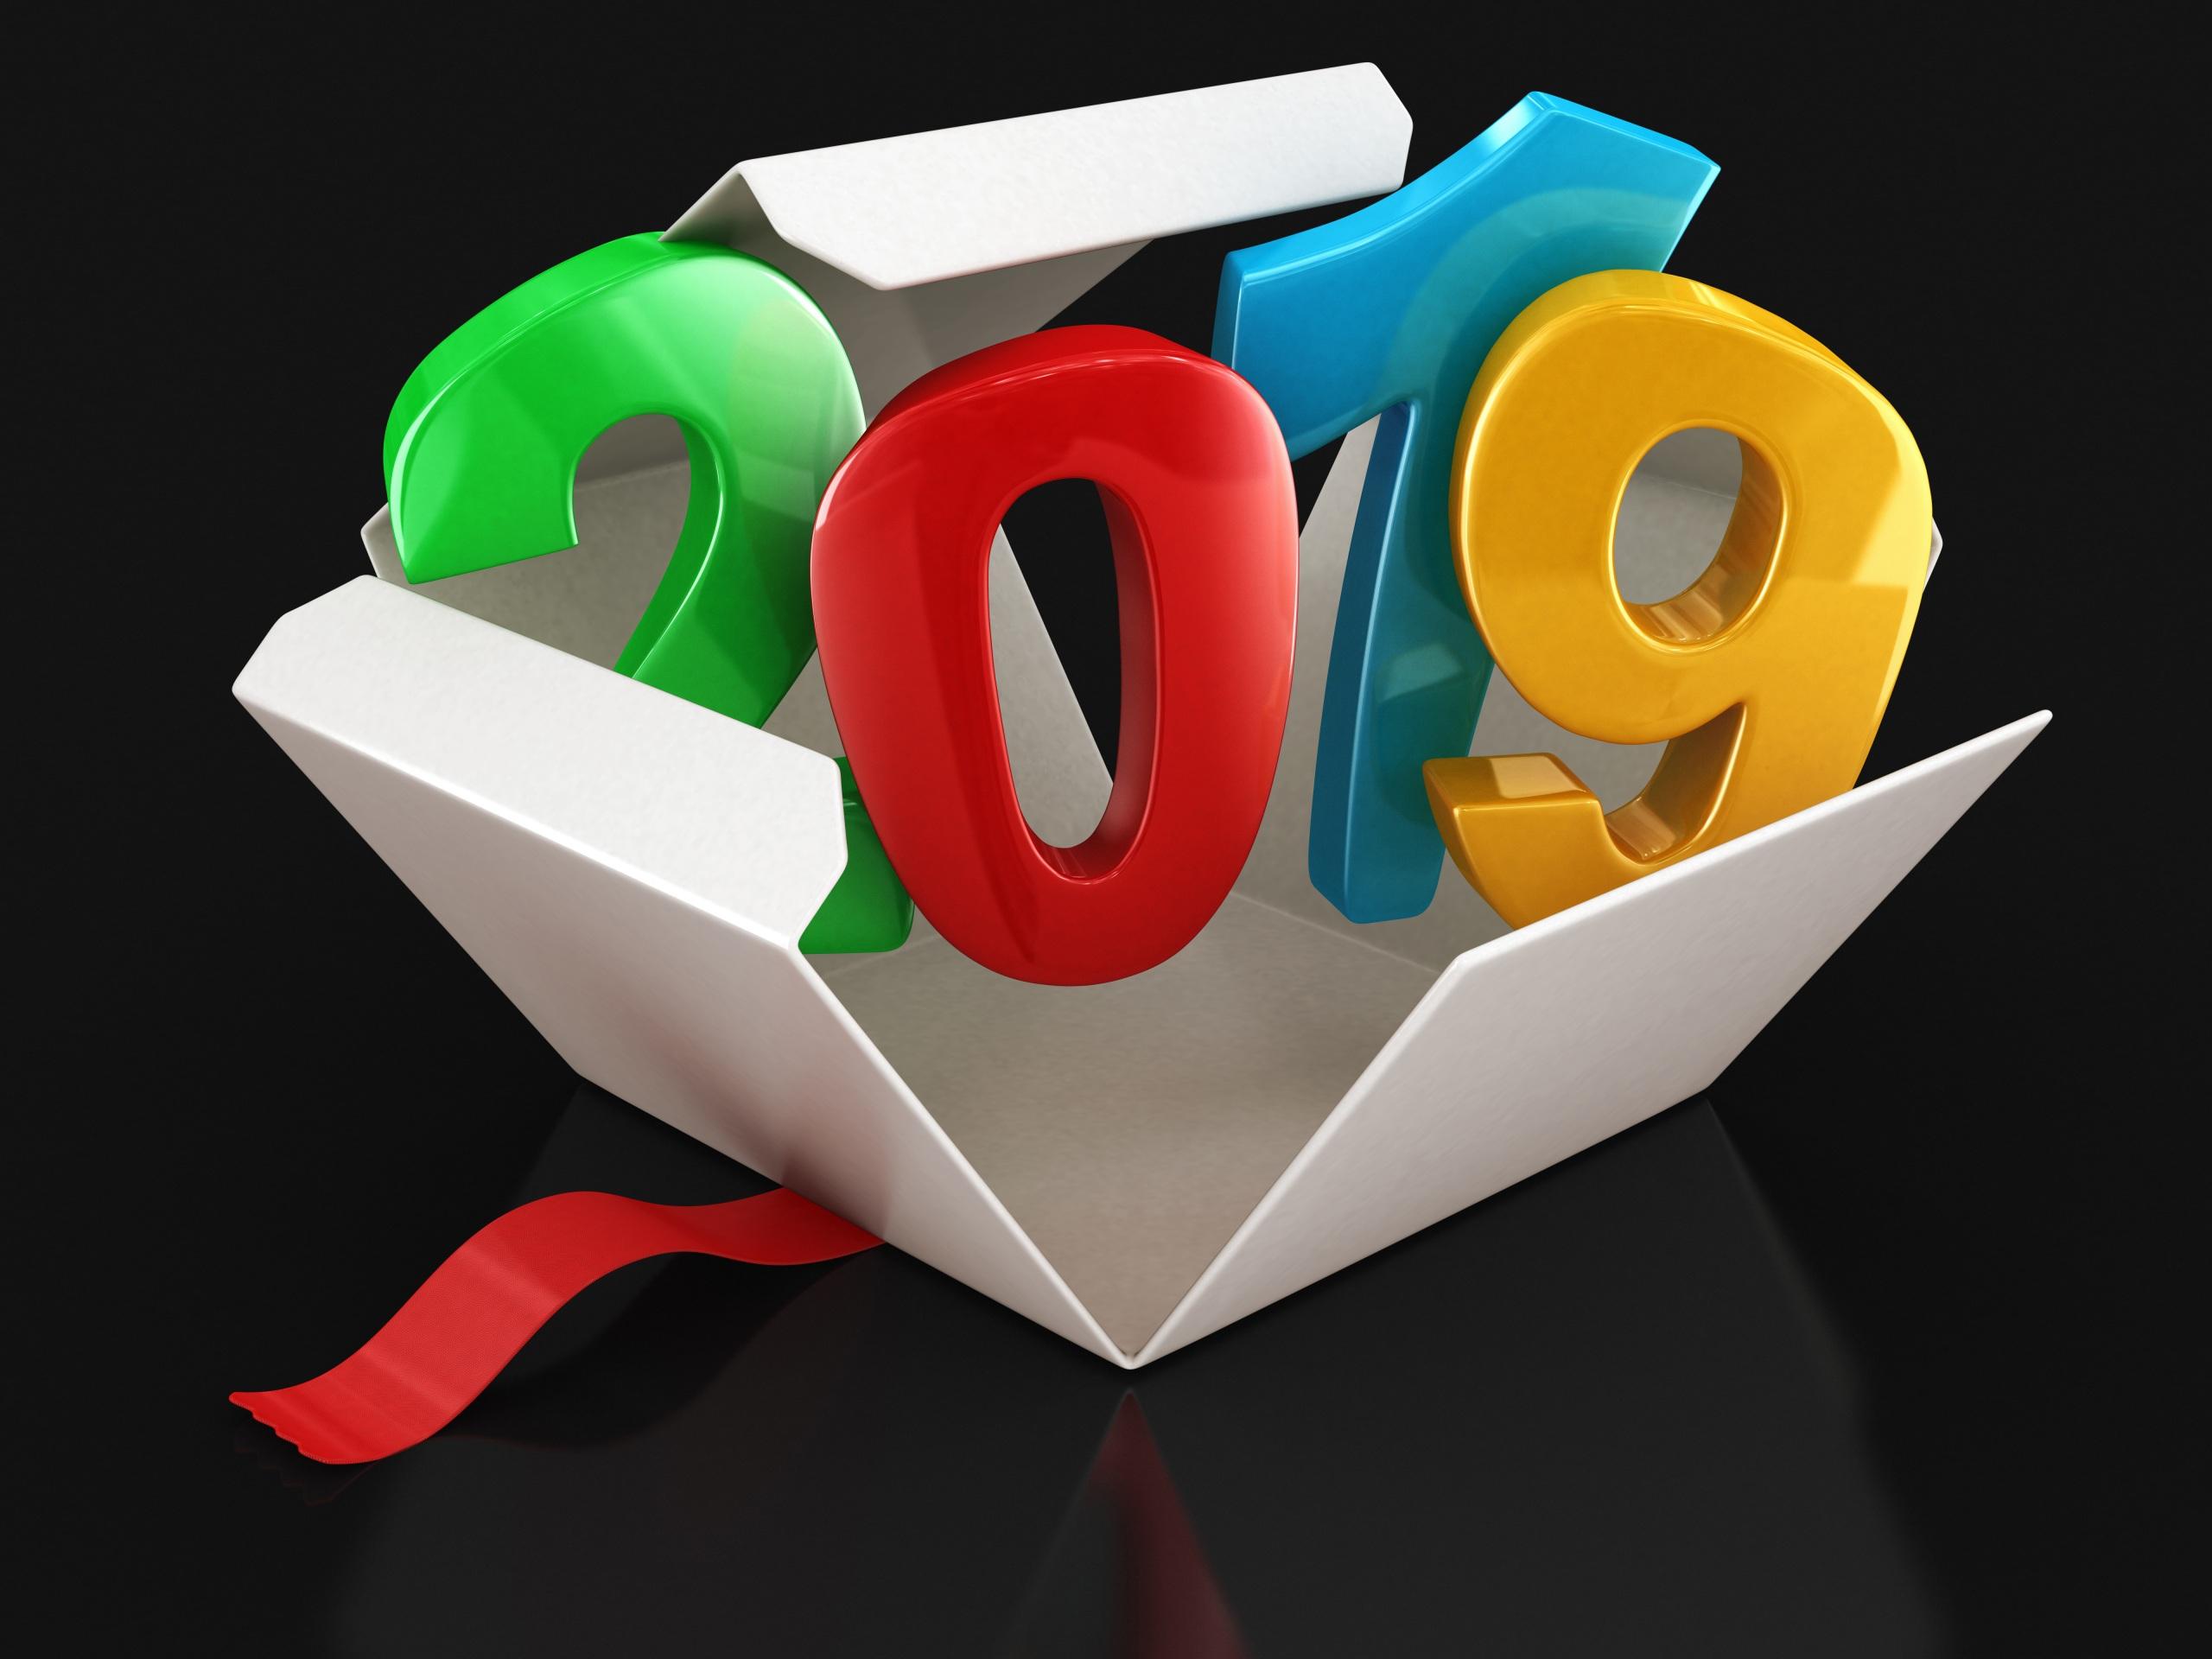 Фотография 2019 Новый год Черный фон 2560x1920 Рождество на черном фоне